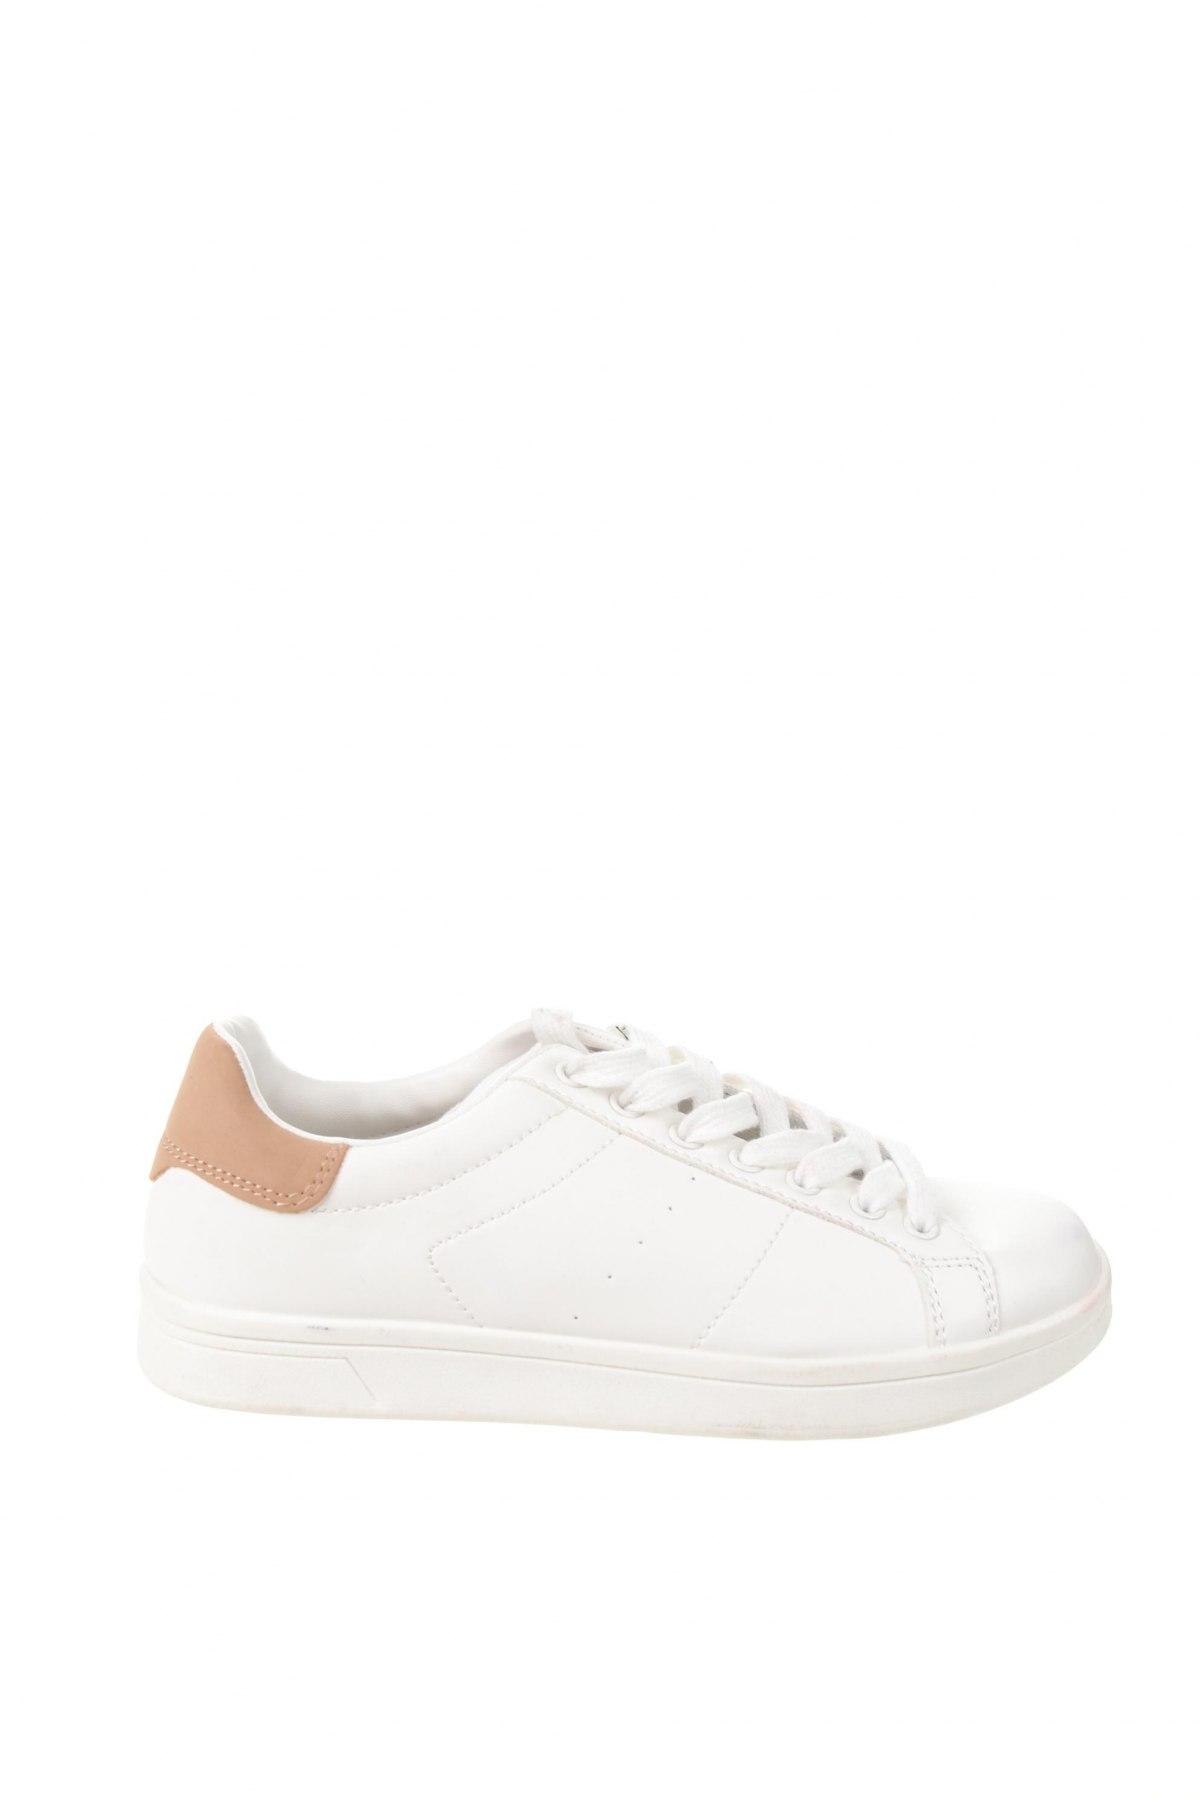 Γυναικεία παπούτσια Lefties, Μέγεθος 35, Χρώμα Λευκό, Δερματίνη, Τιμή 20,10€